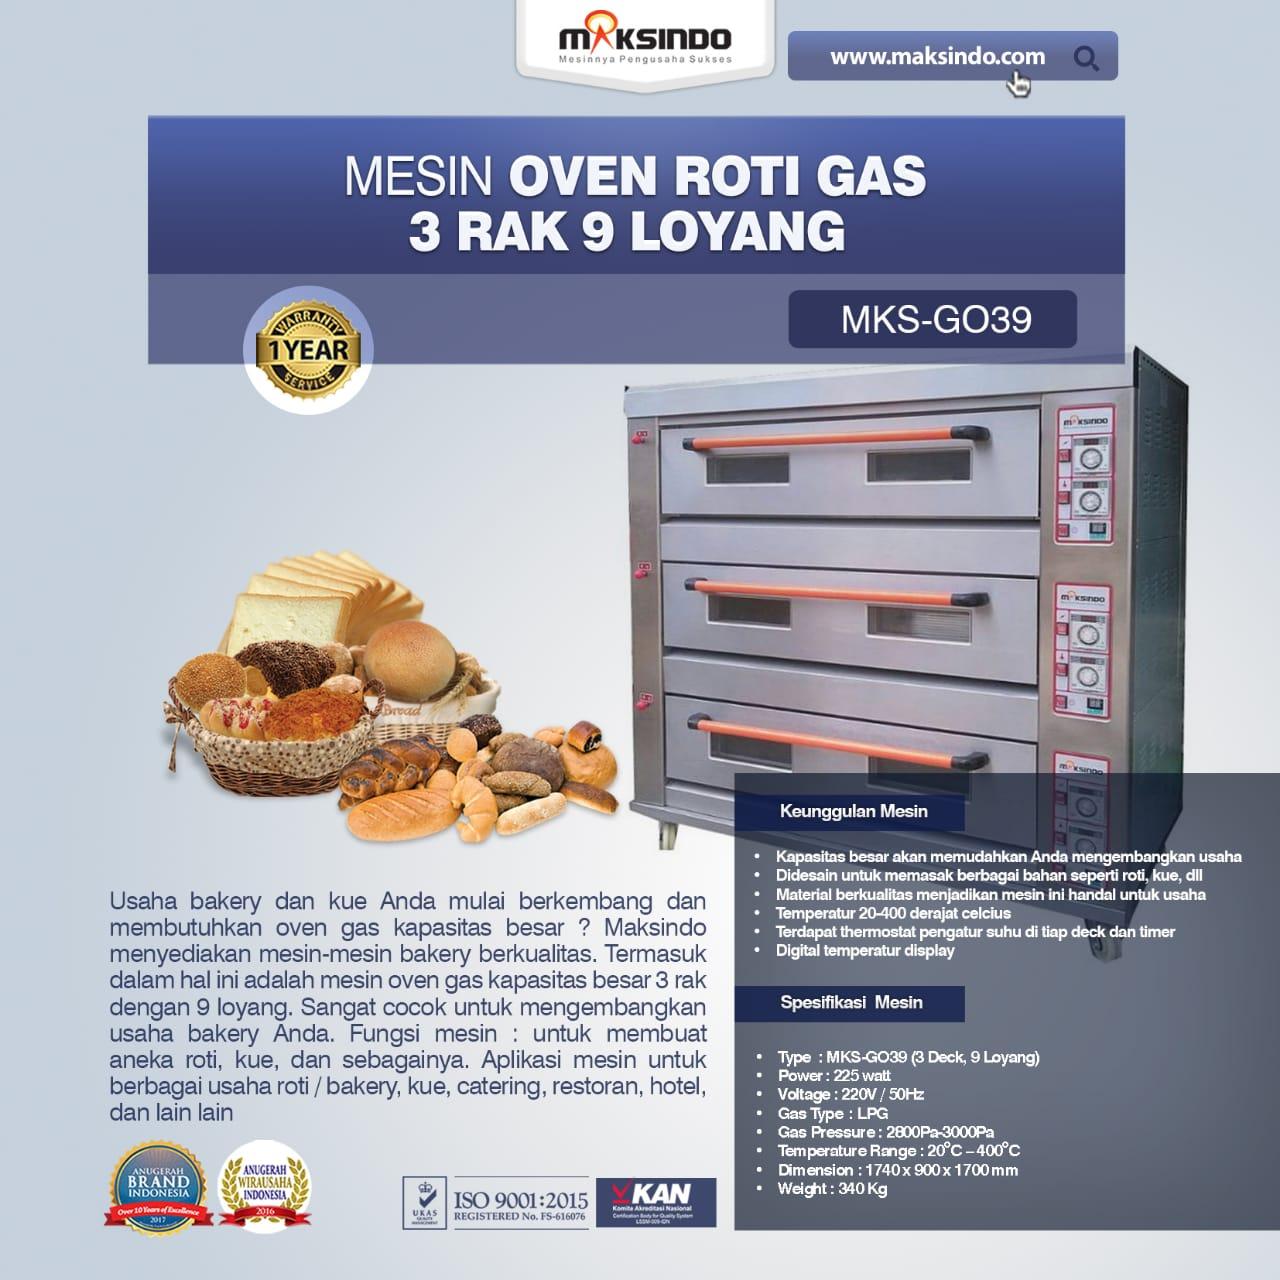 Jual Mesin Oven Roti Gas 3 Rak 9 Loyang (GO39) di Medan